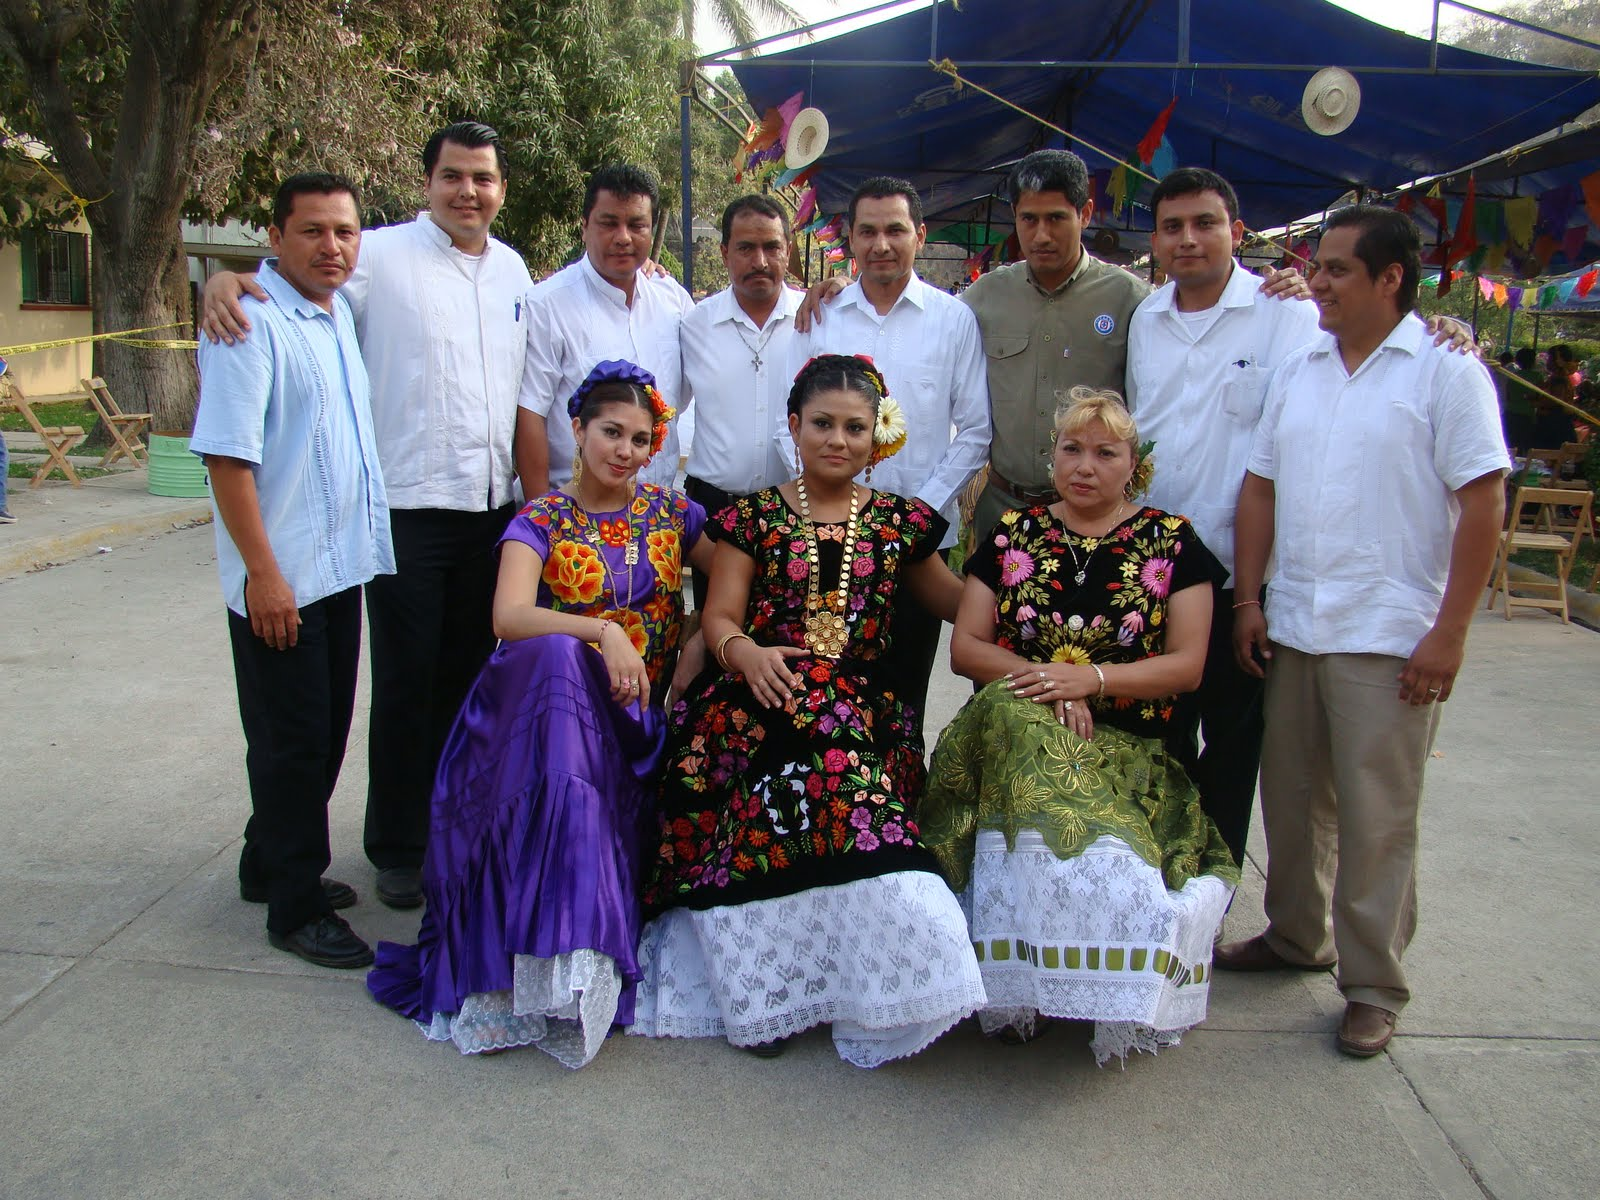 El Barrio De La Soledad Rogelio Hernandez Guevara En Un Marco De